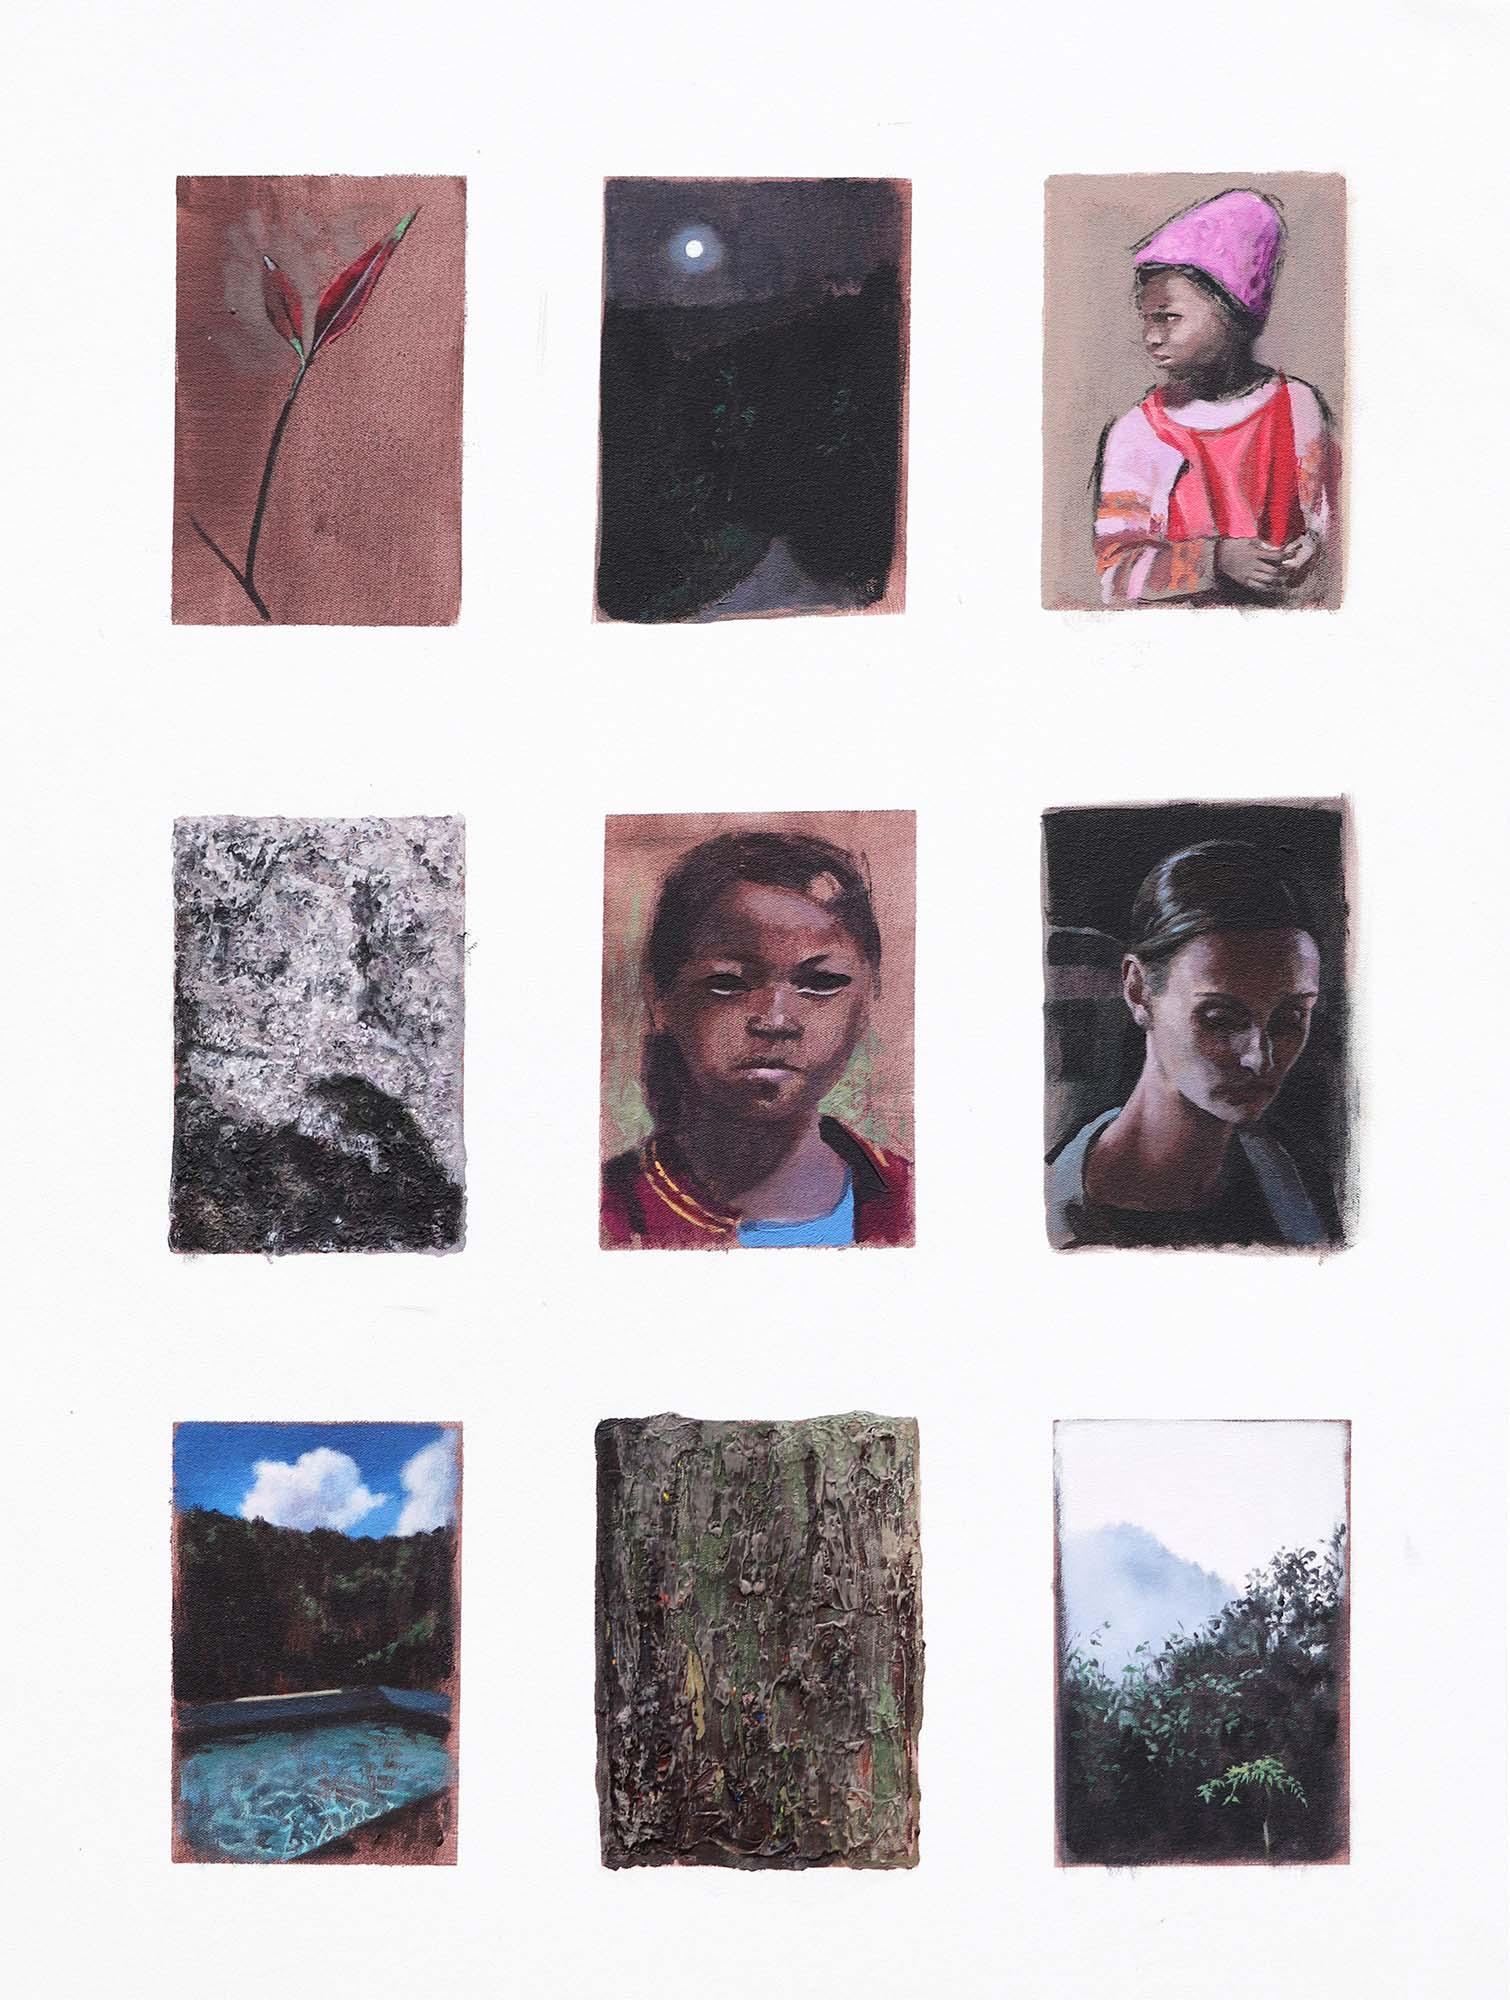 Cristina Megía, Bocetos de Mawkyrwat (Parte II), Acrylic on canvas, 75 x 100 cm, 2019